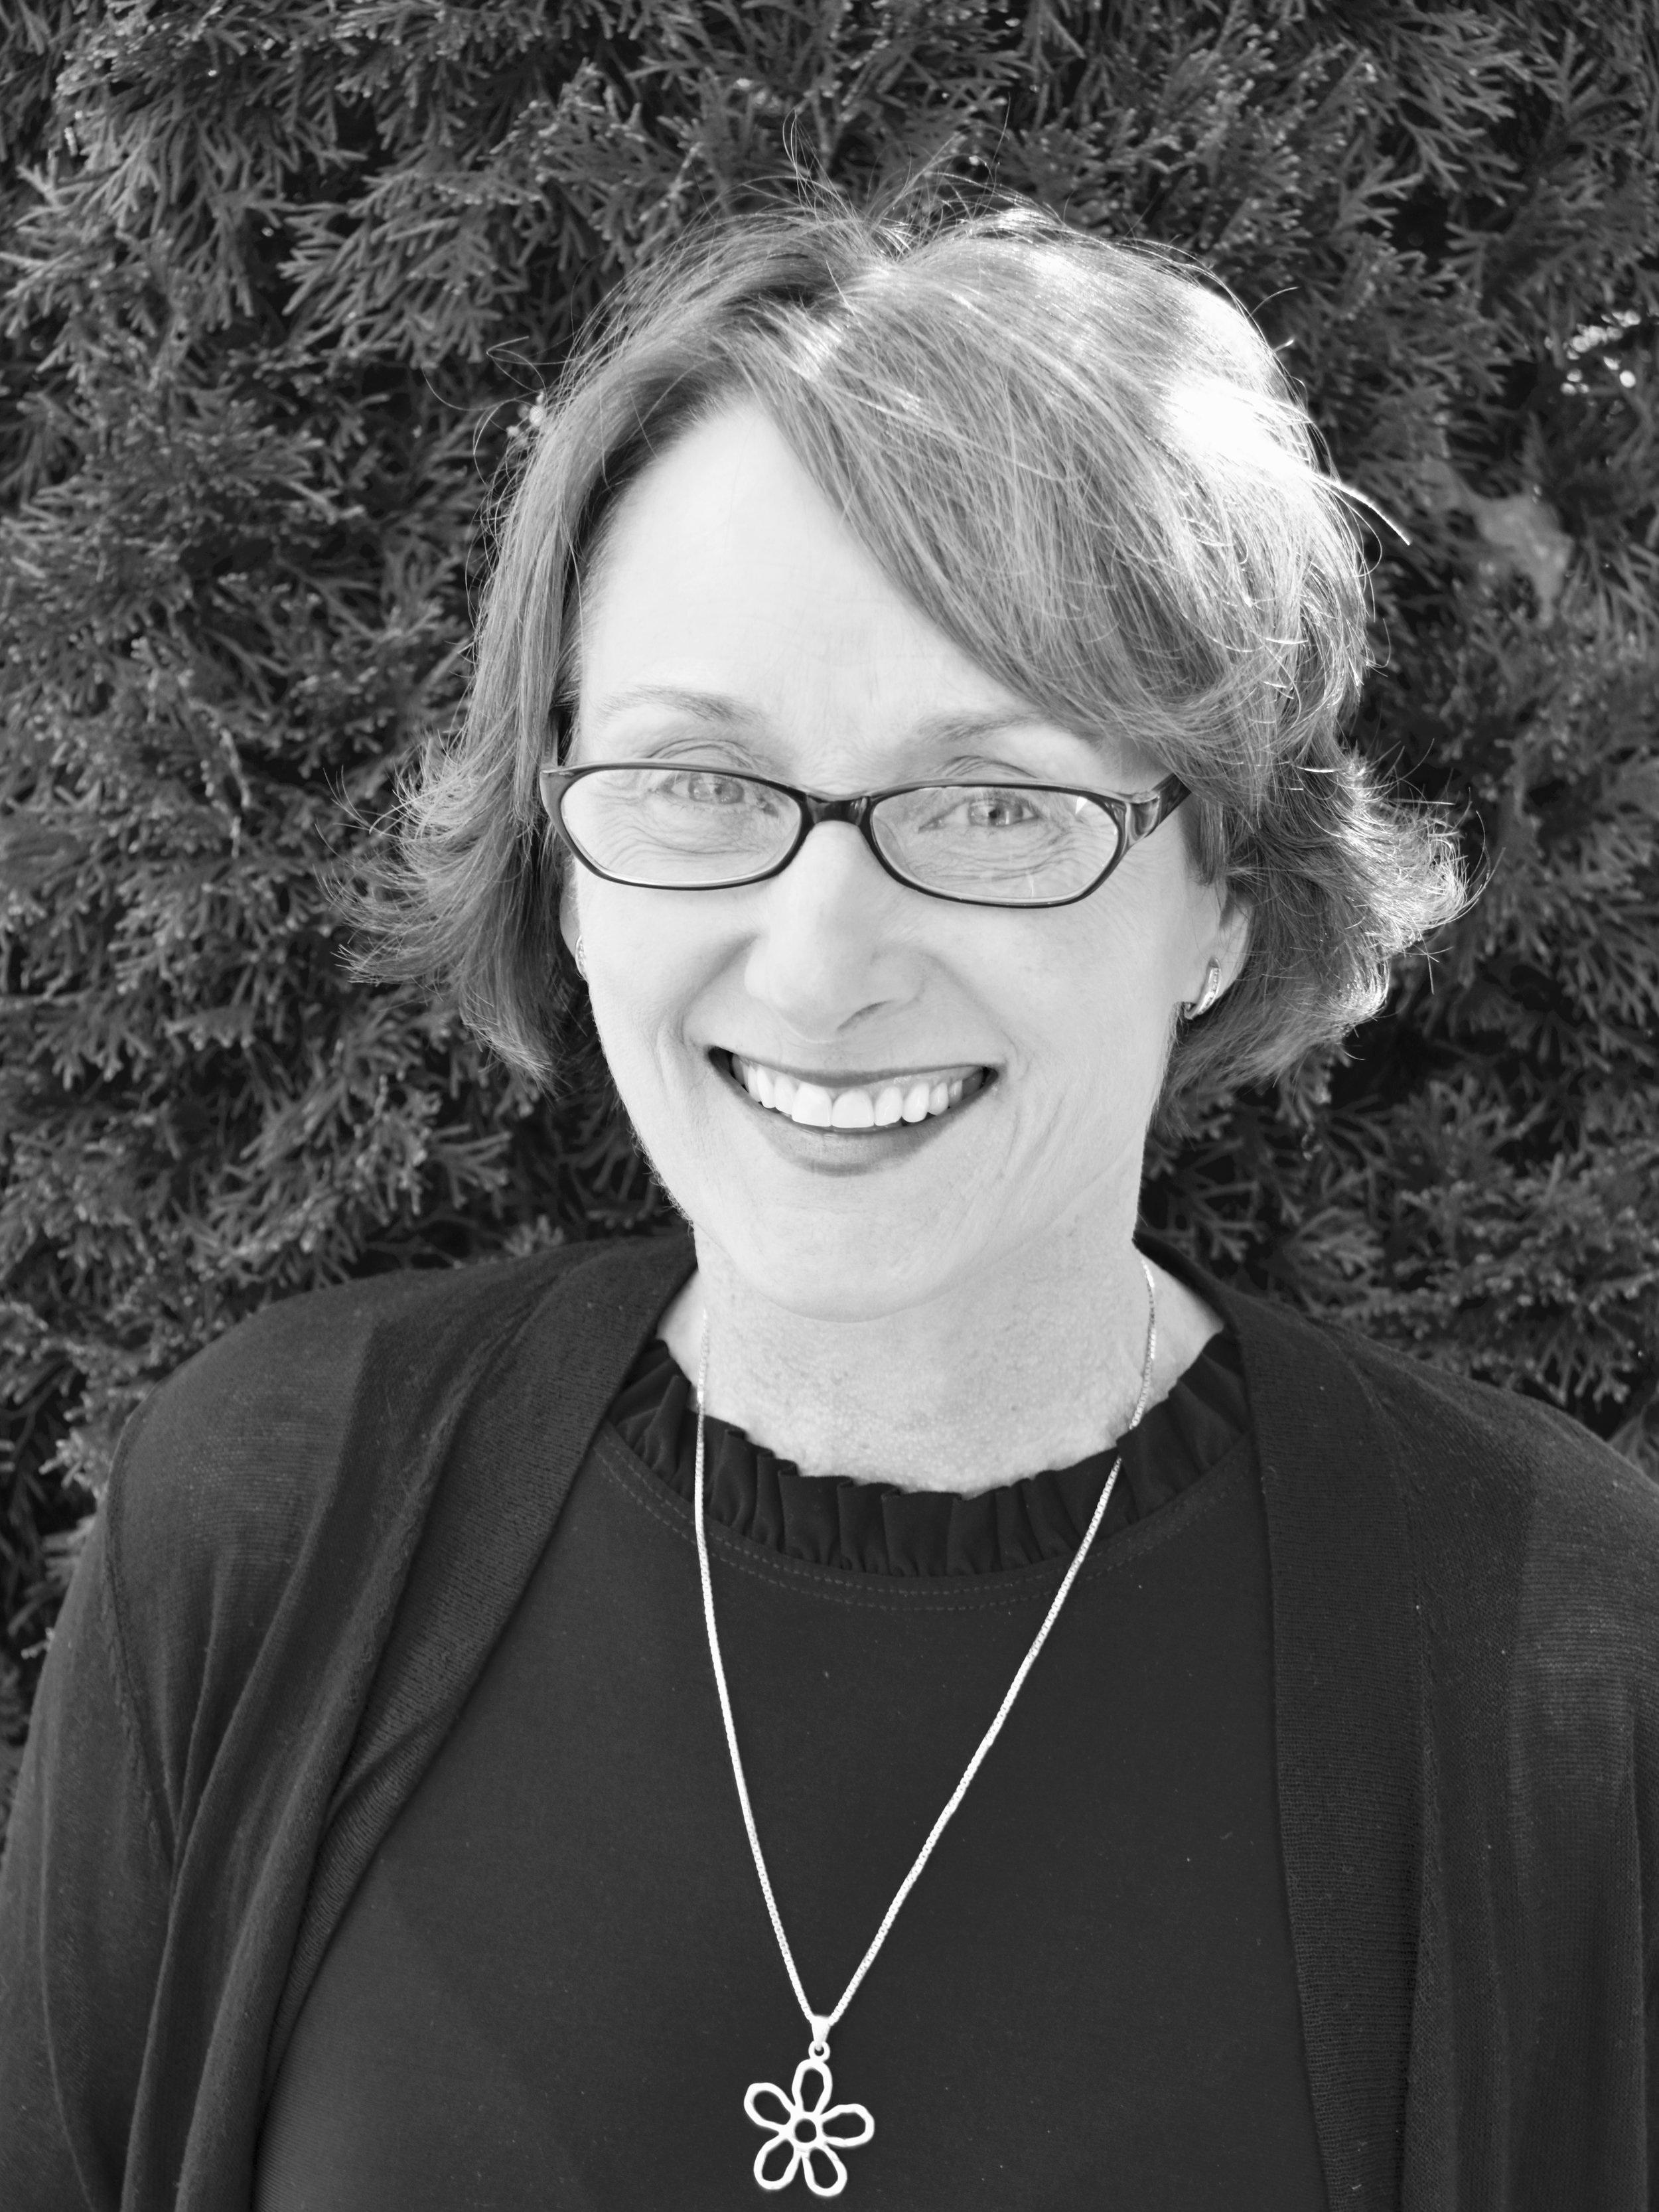 Kathy Aspden -